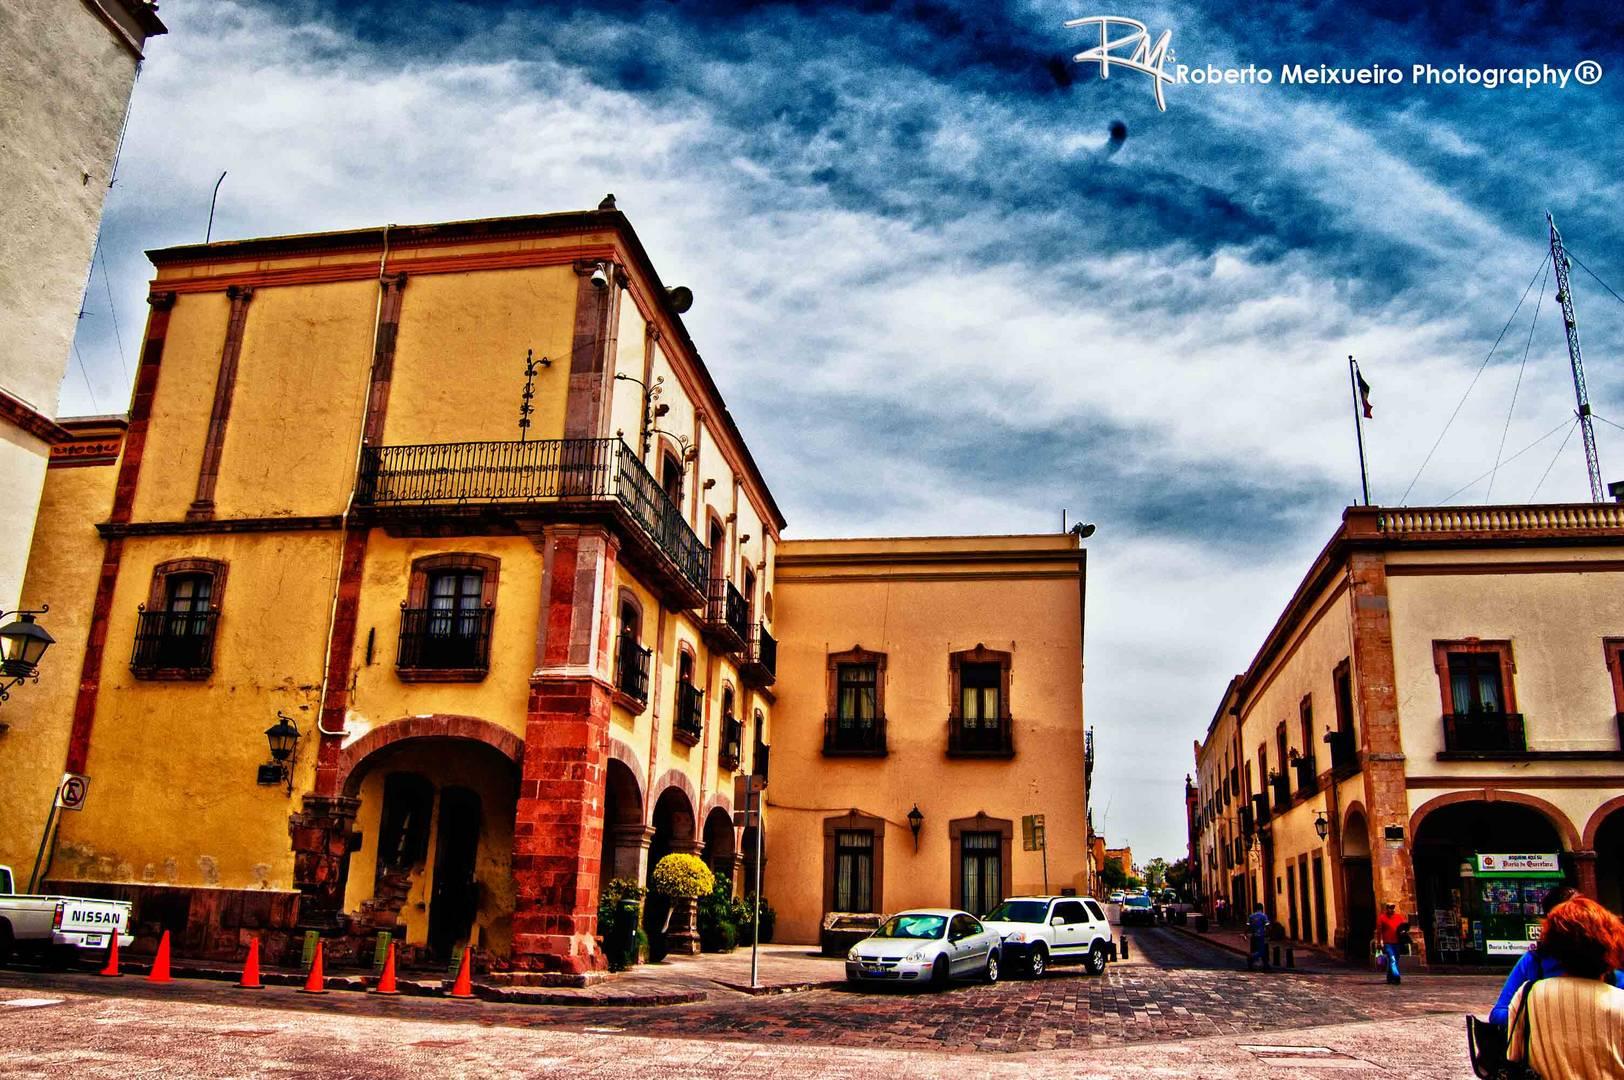 Plaza de Armas Queretaro, Qro